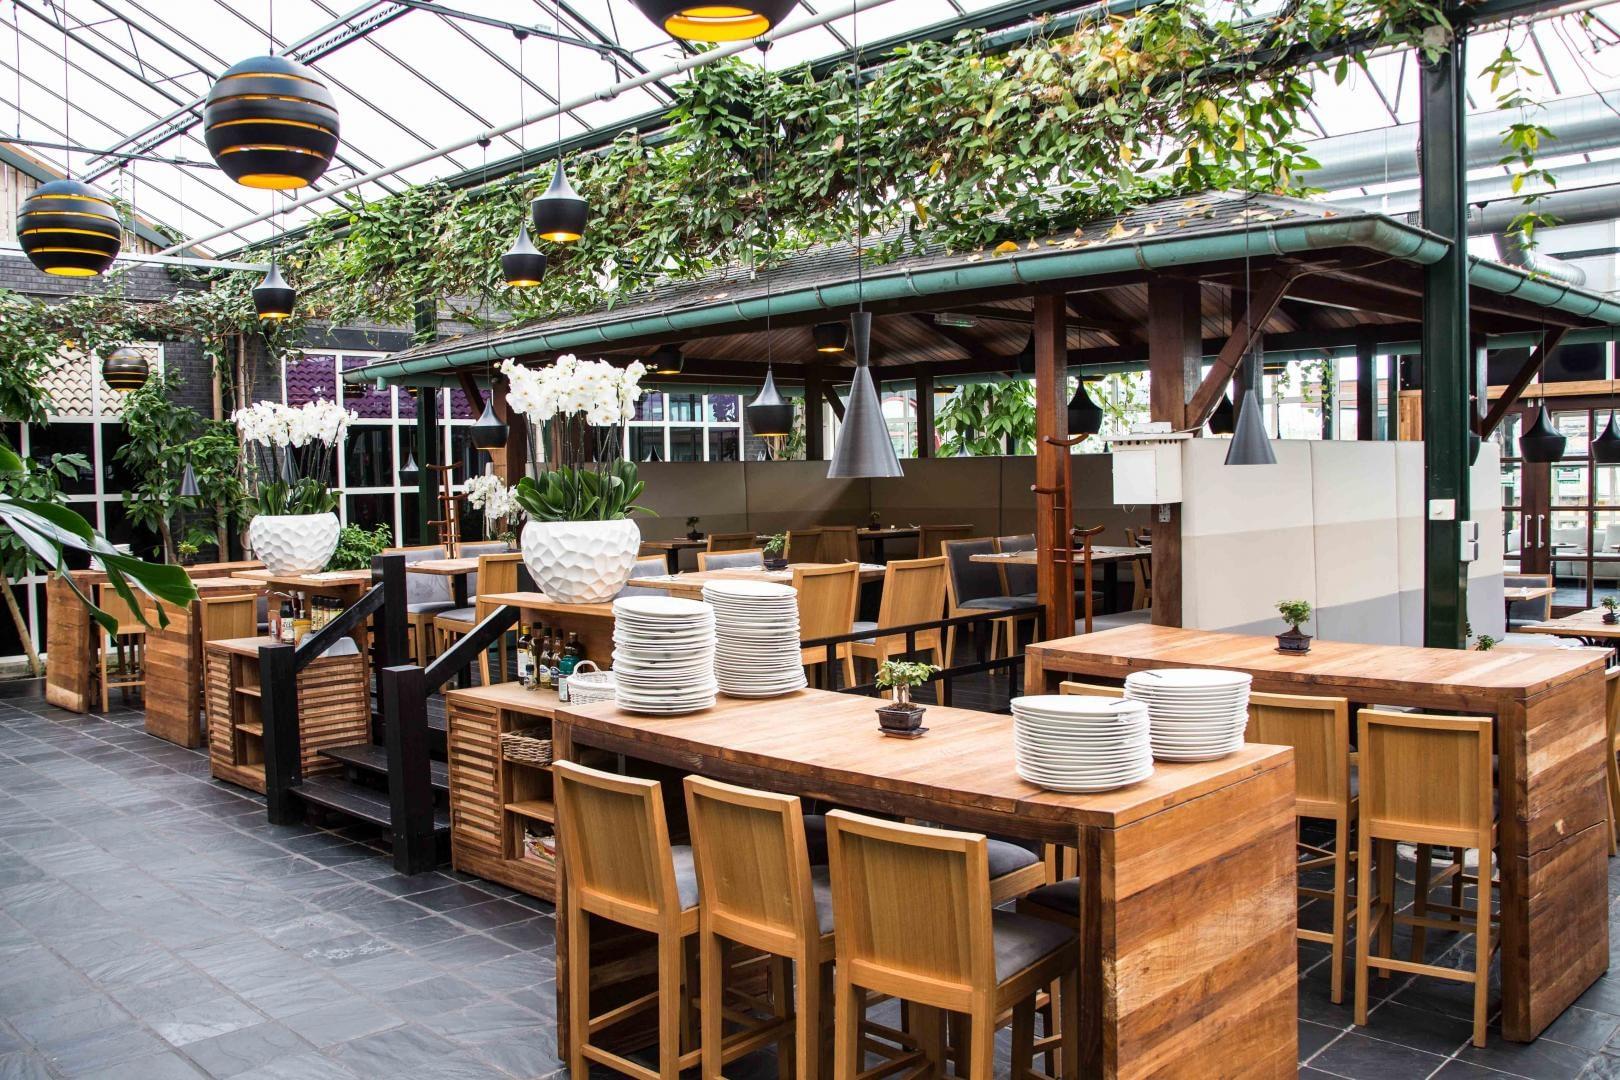 interieur van all inclusive restaurant De Watertuin in het Westland